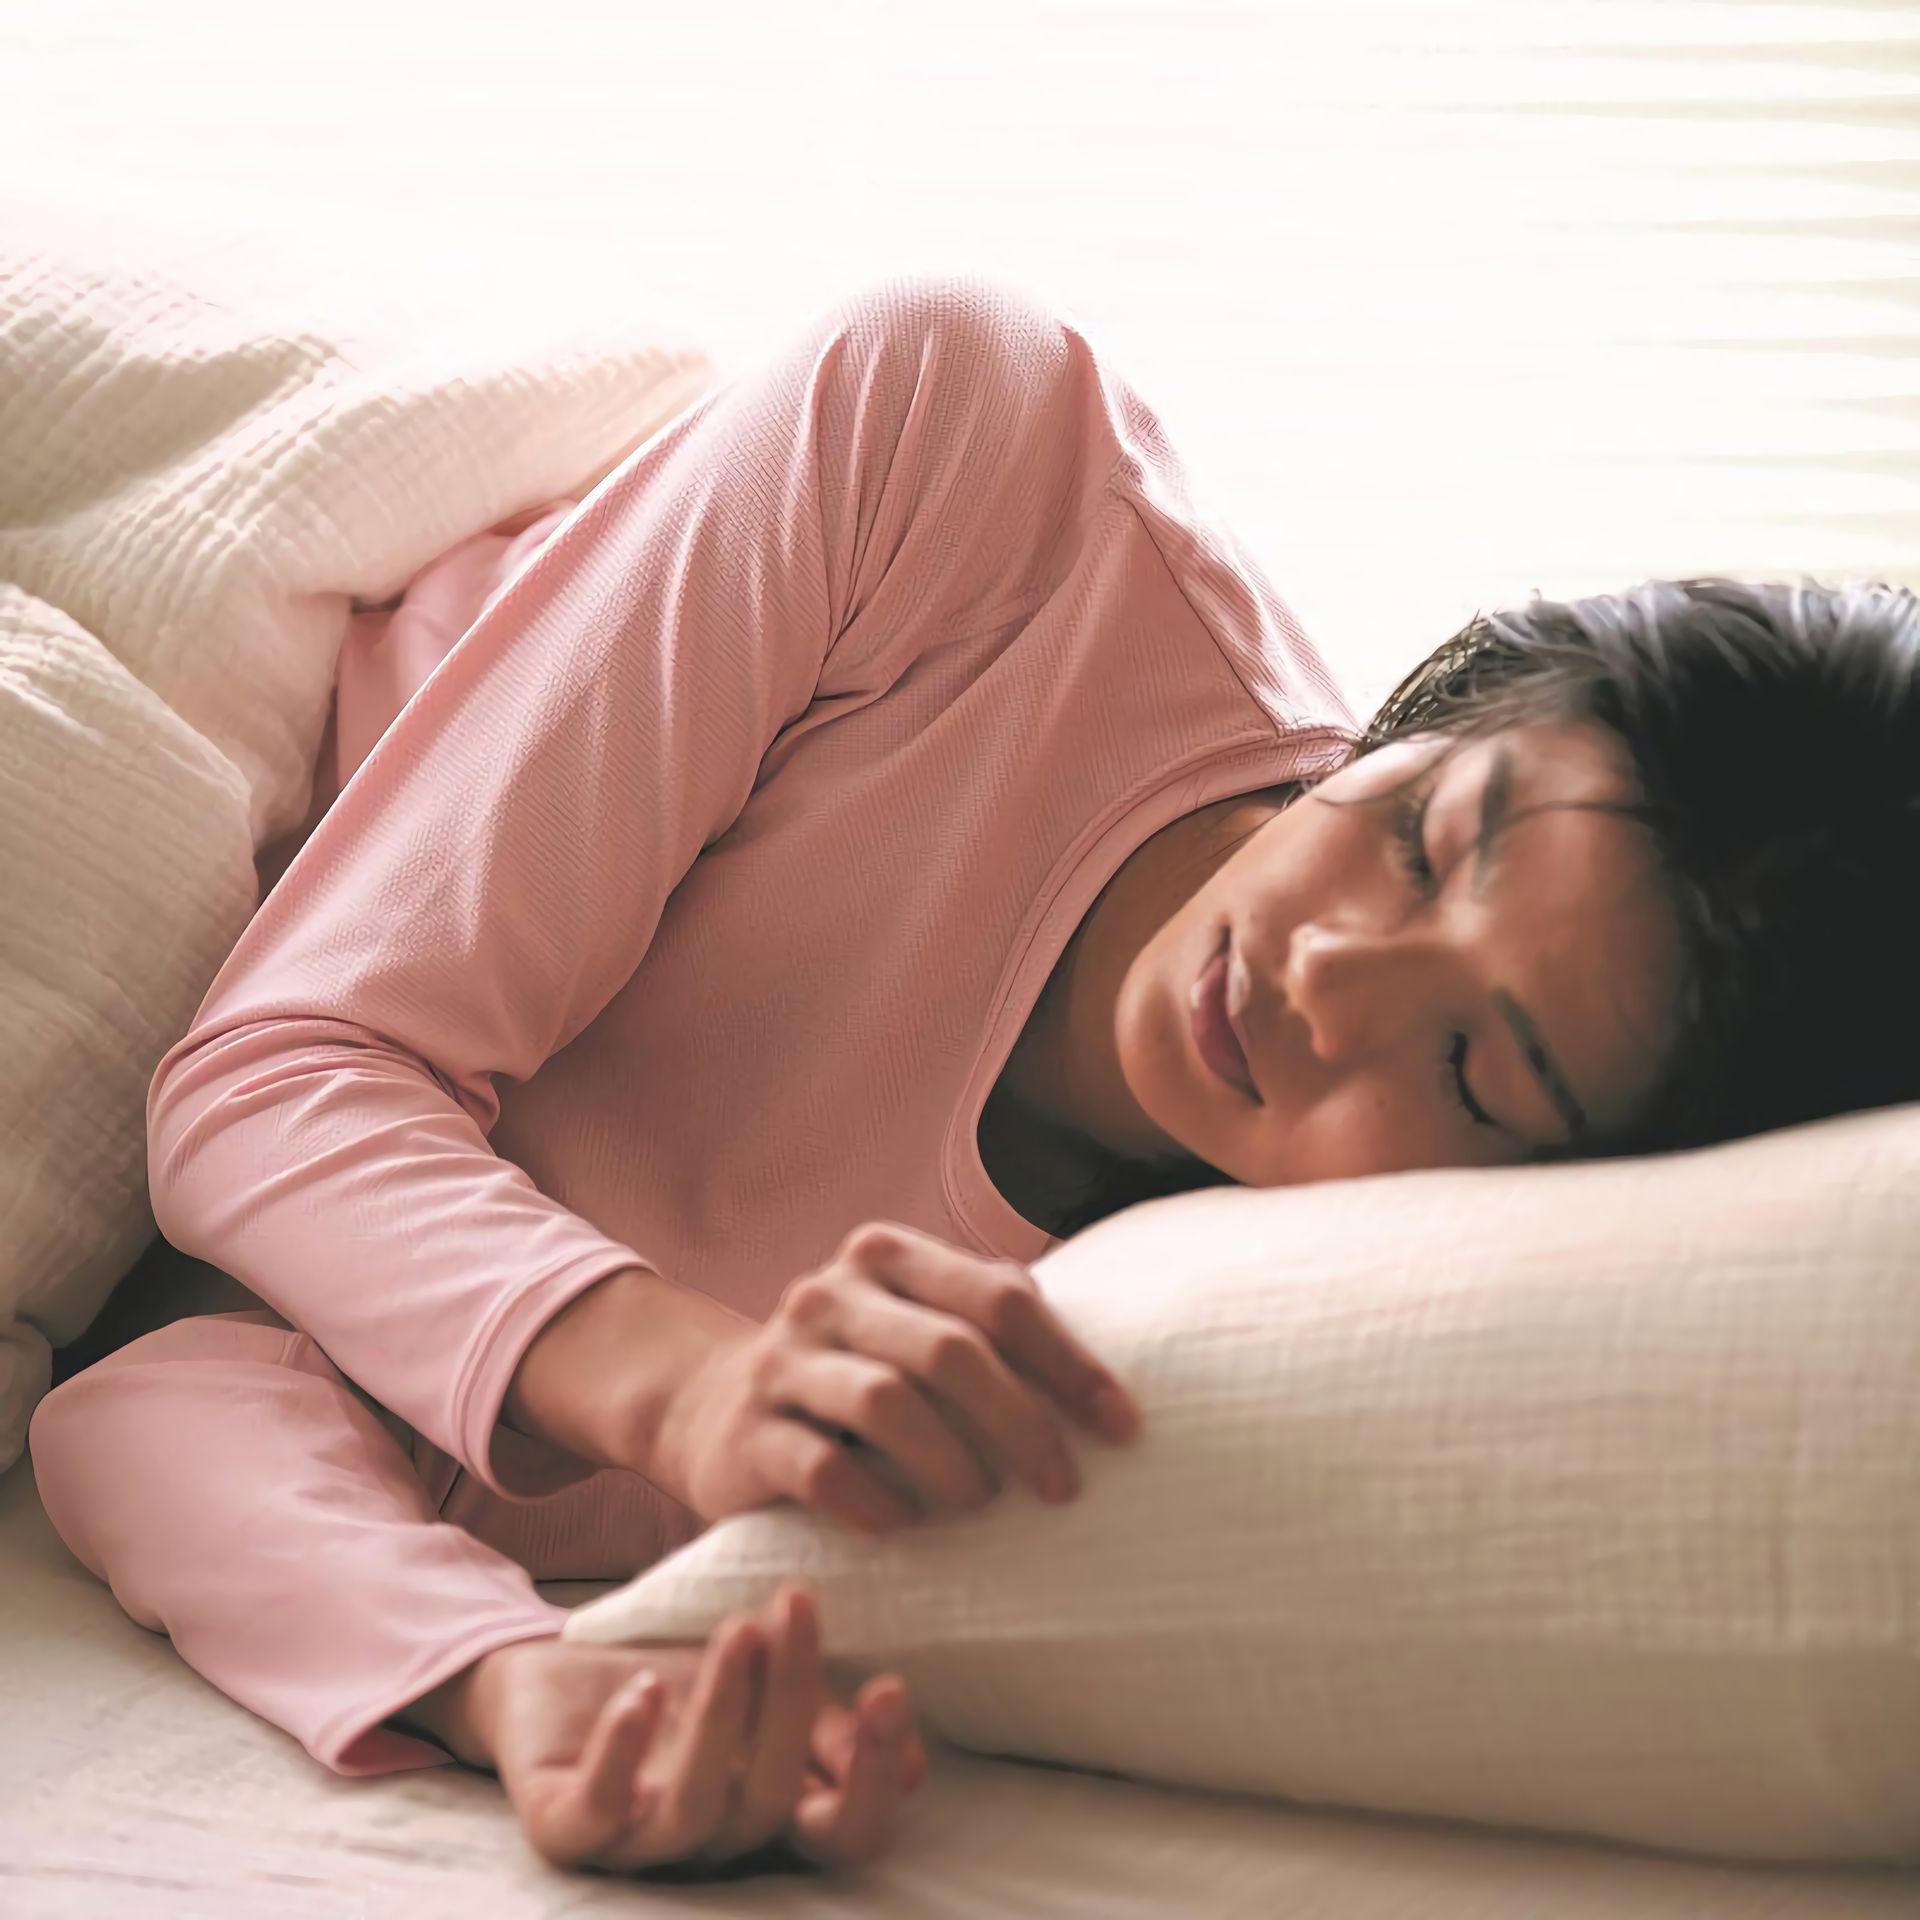 NEW 수면 방법의 개혁